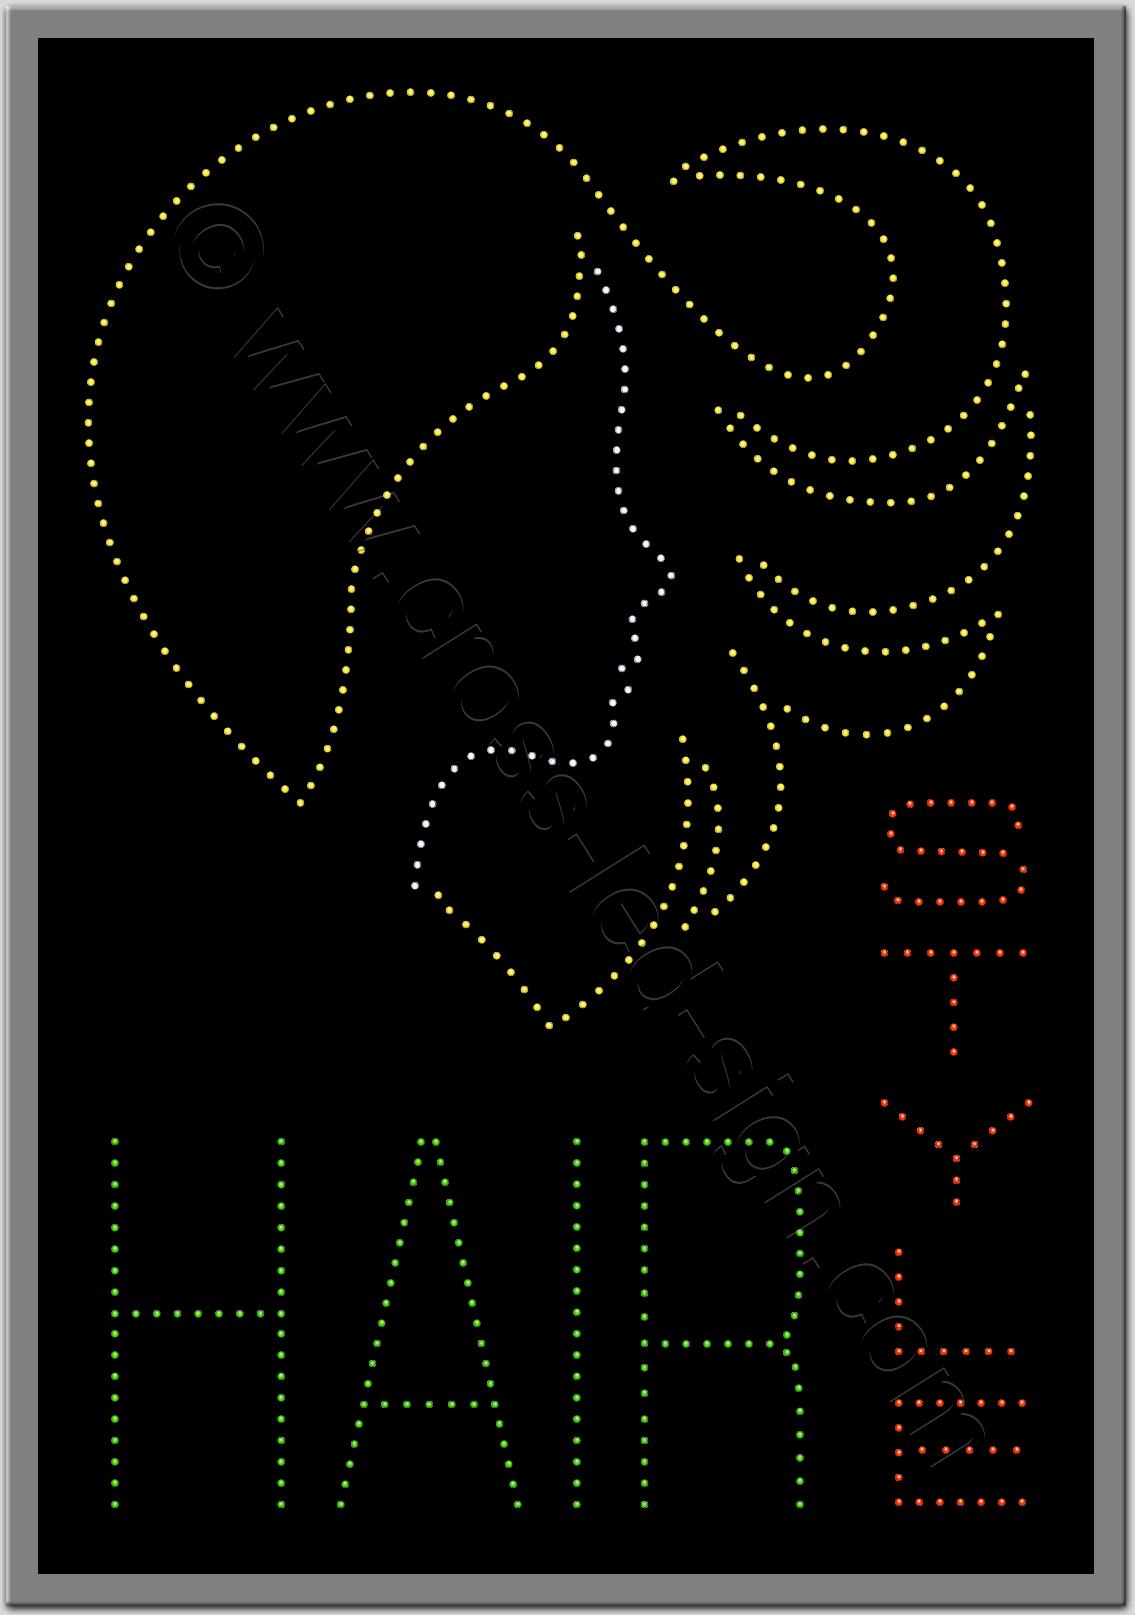 Επιγραφή κοπέλα καρδιά με led, για κομμωτήριο.